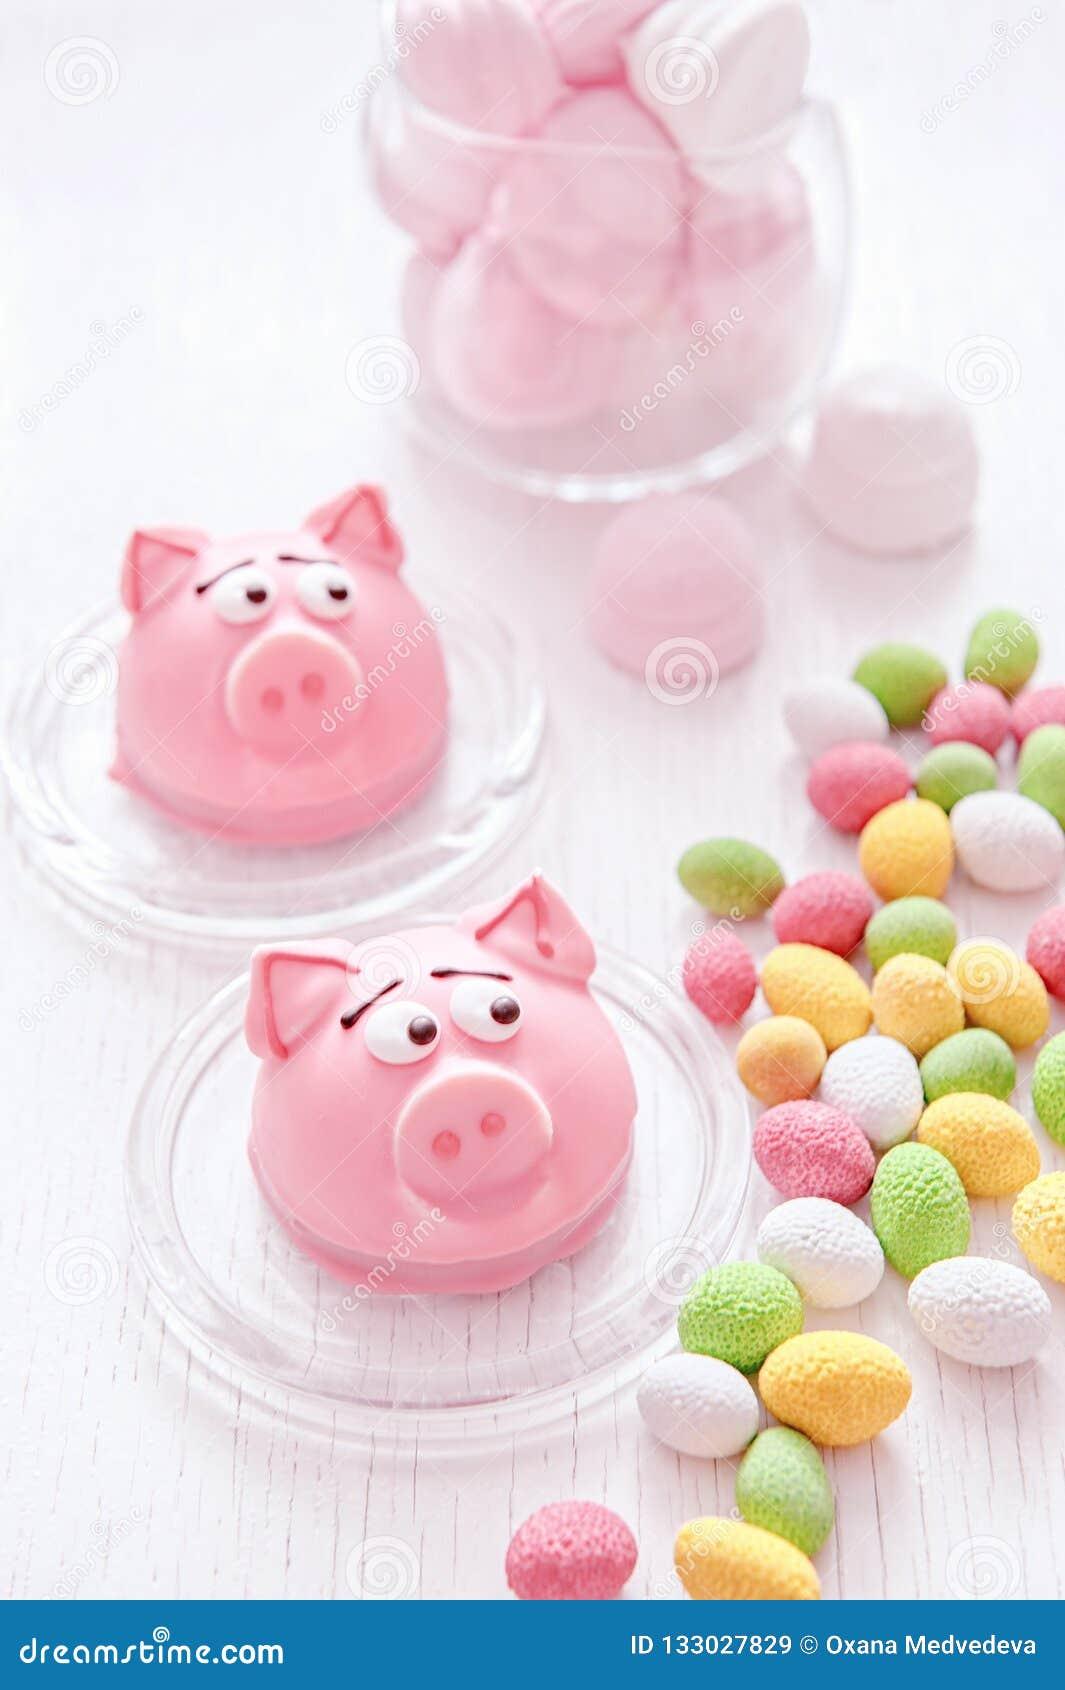 Mazapán en la forma del símbolo del Año Nuevo - cerdo rosado, macarrones delicados dulces, melcochas, cacahuetes en azúcar